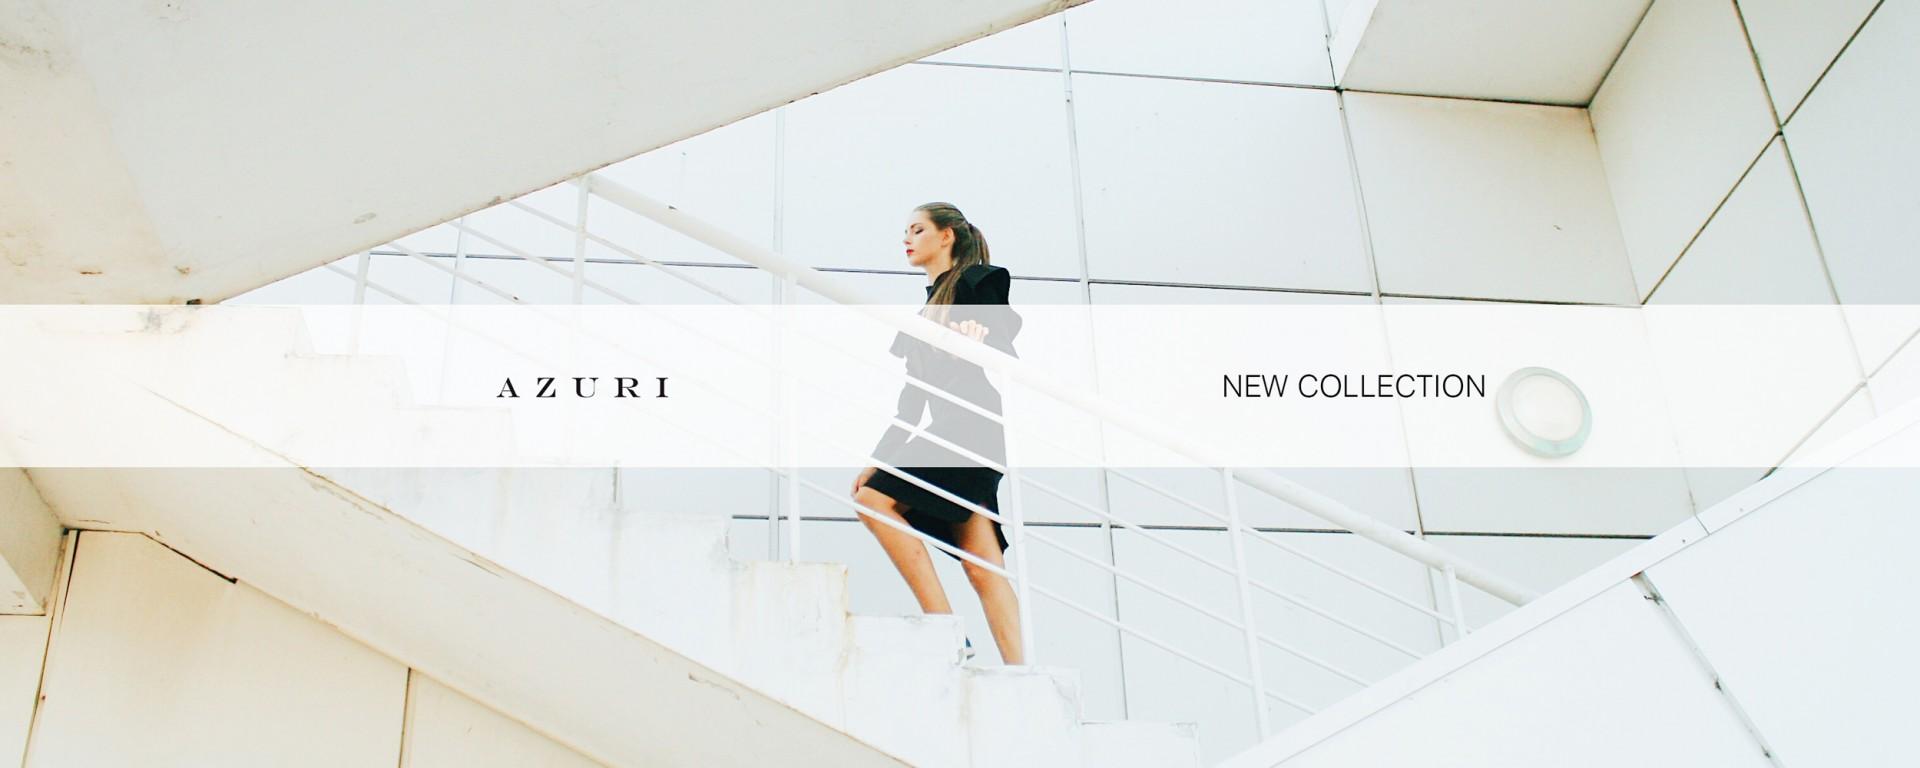 ... який працює в режимі fast fashion – його колекції оновлюються кілька  разів на сезон. У новому магазині AZURI буде широкий асортимент жіночого  одягу в ... 6af7f64d1dafb